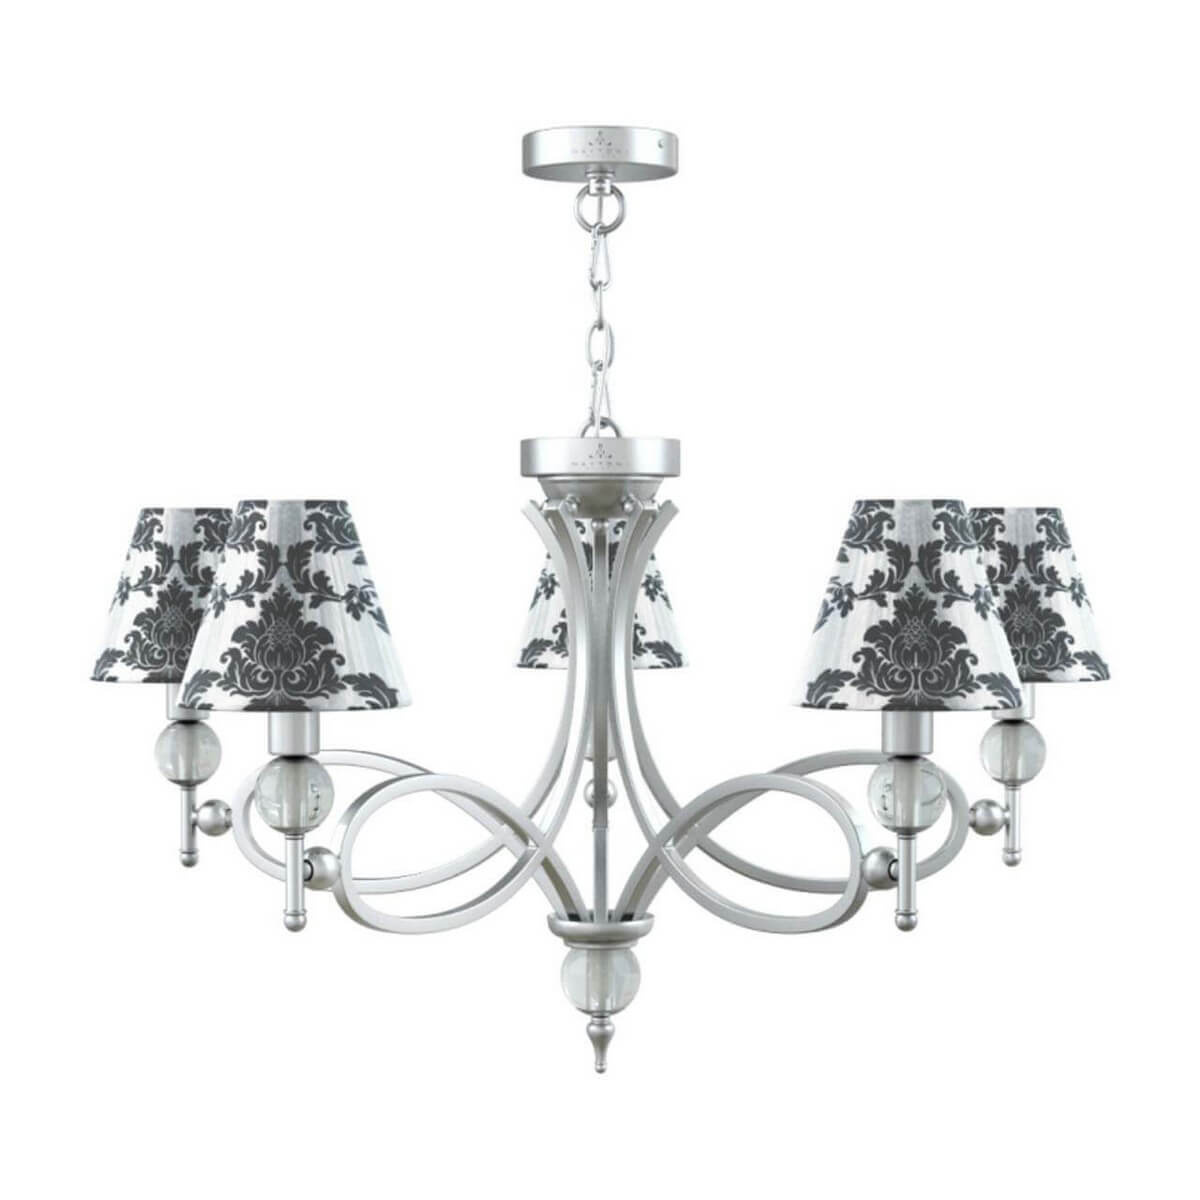 цена на Люстра Lamp4you M2-05-CR-LMP-O-2 Eclectic